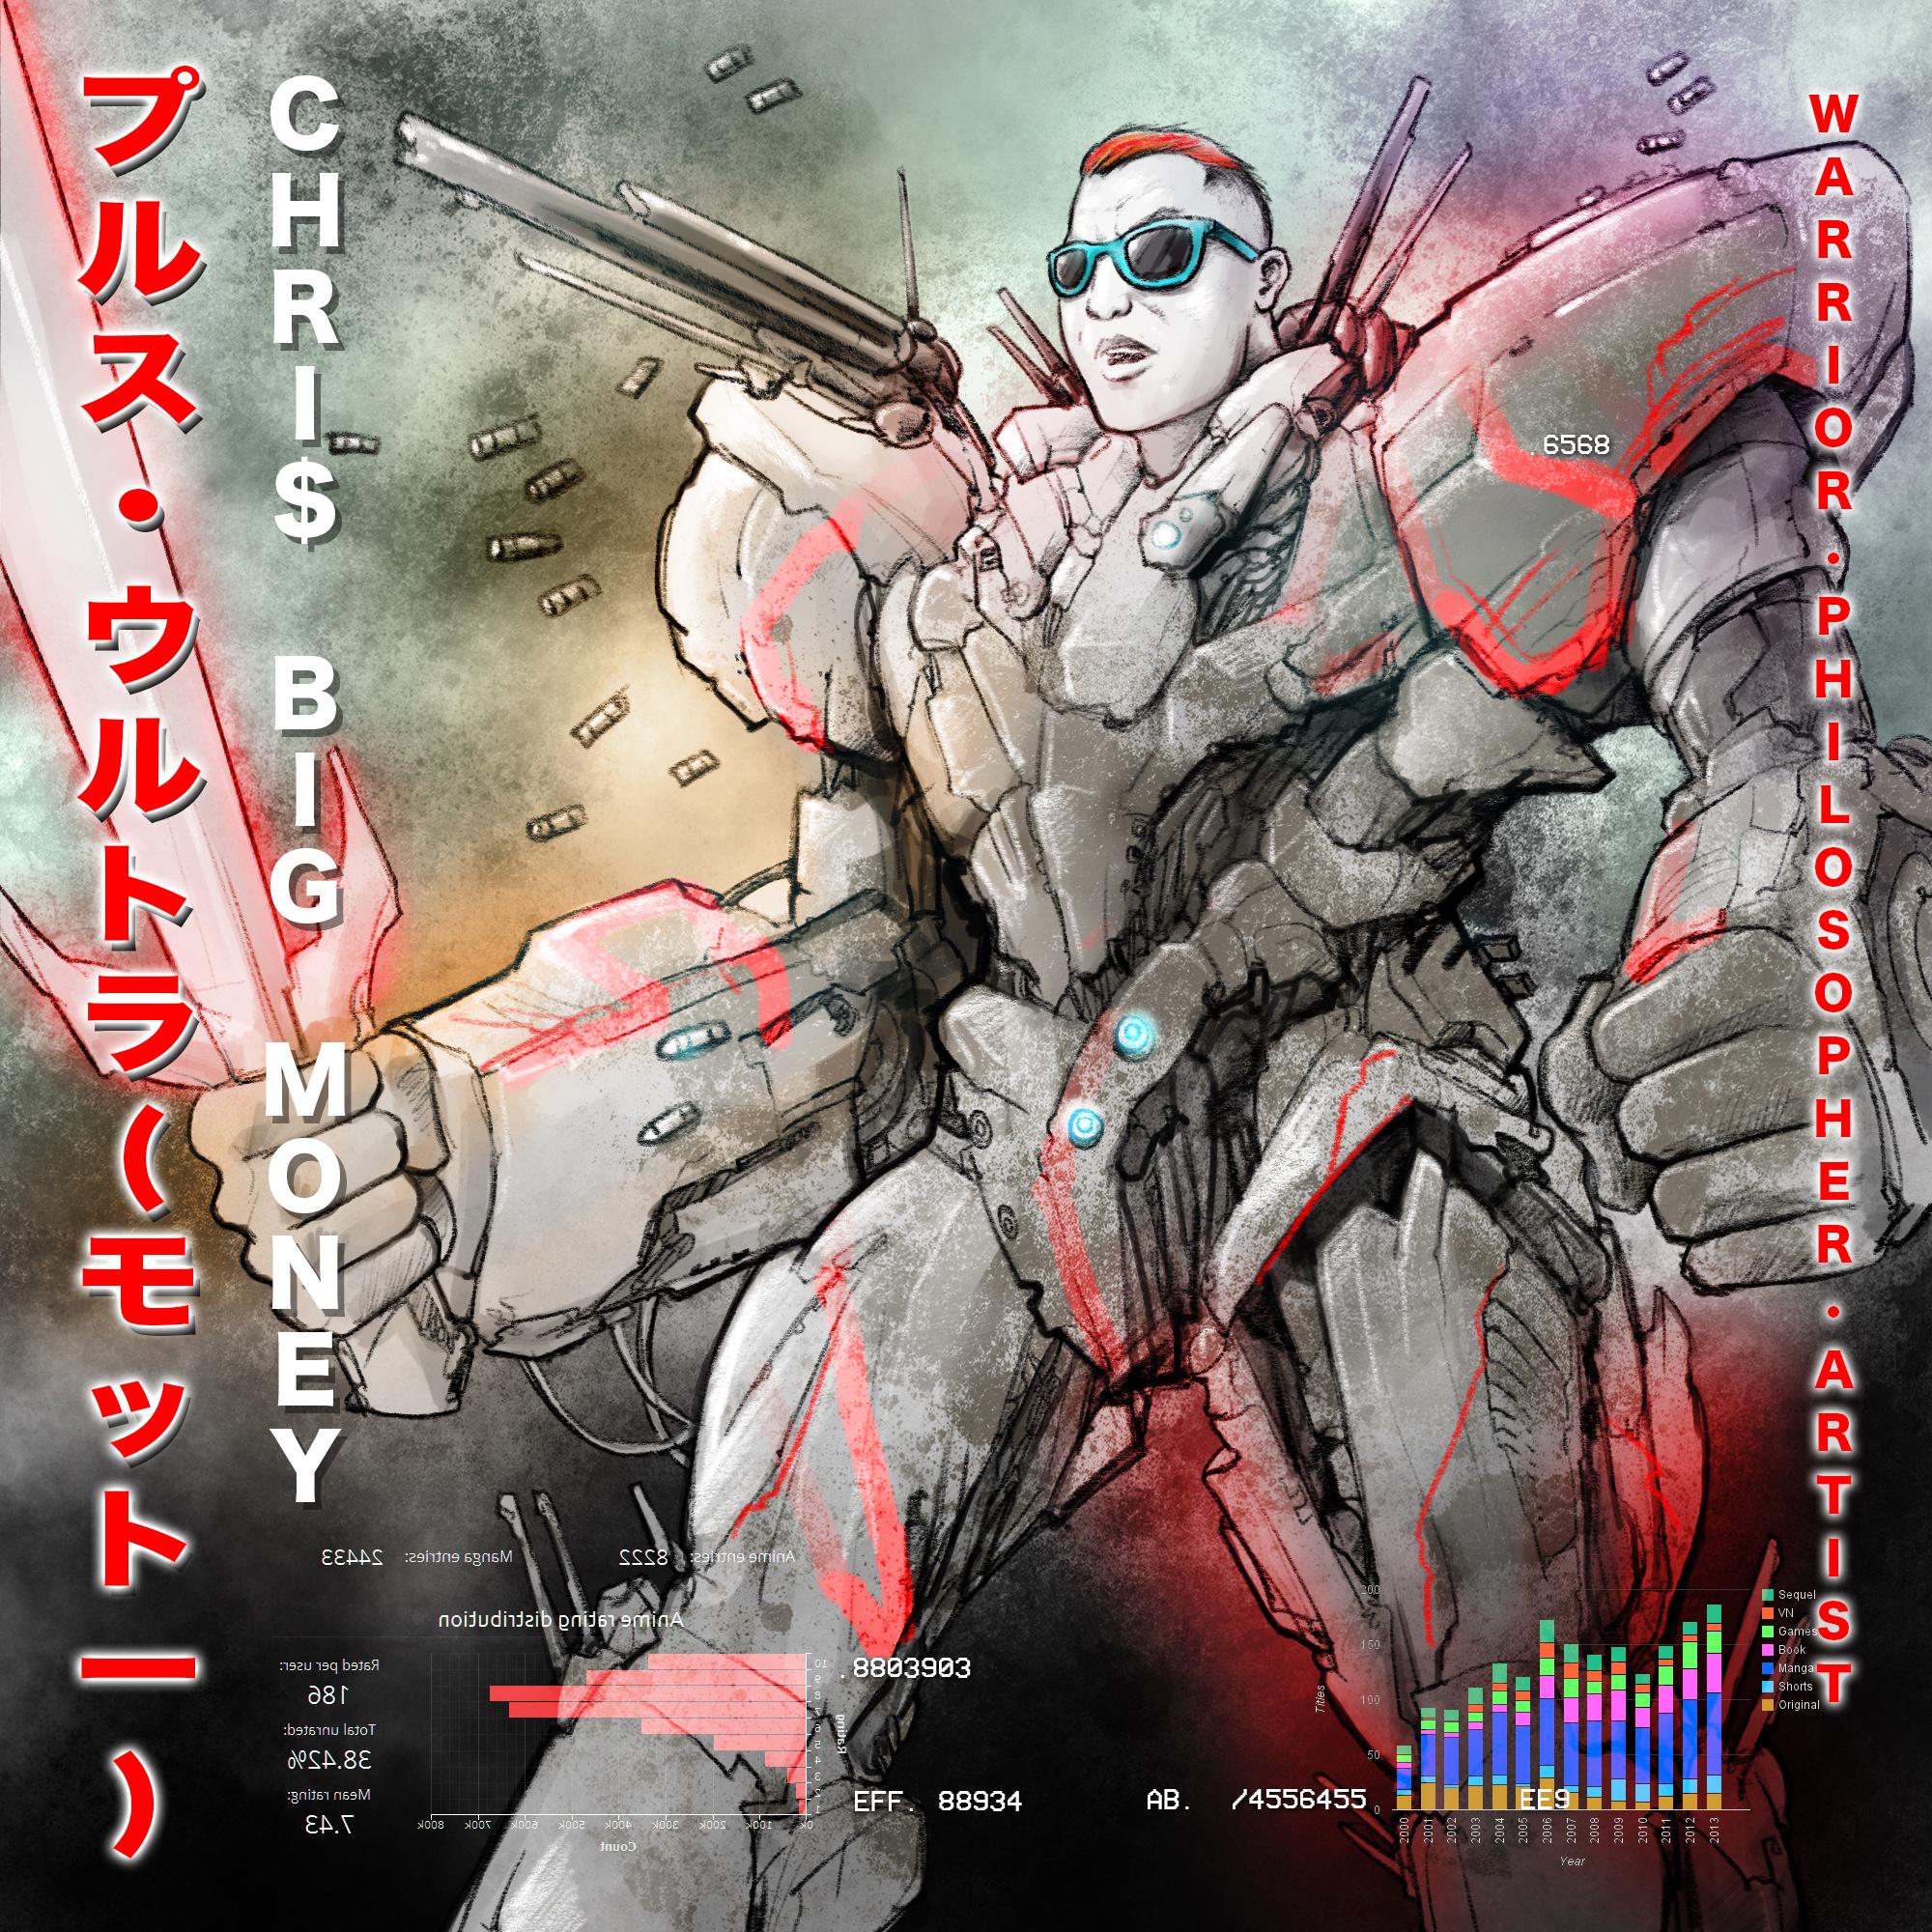 warrior philosopher artist album cover.jpg